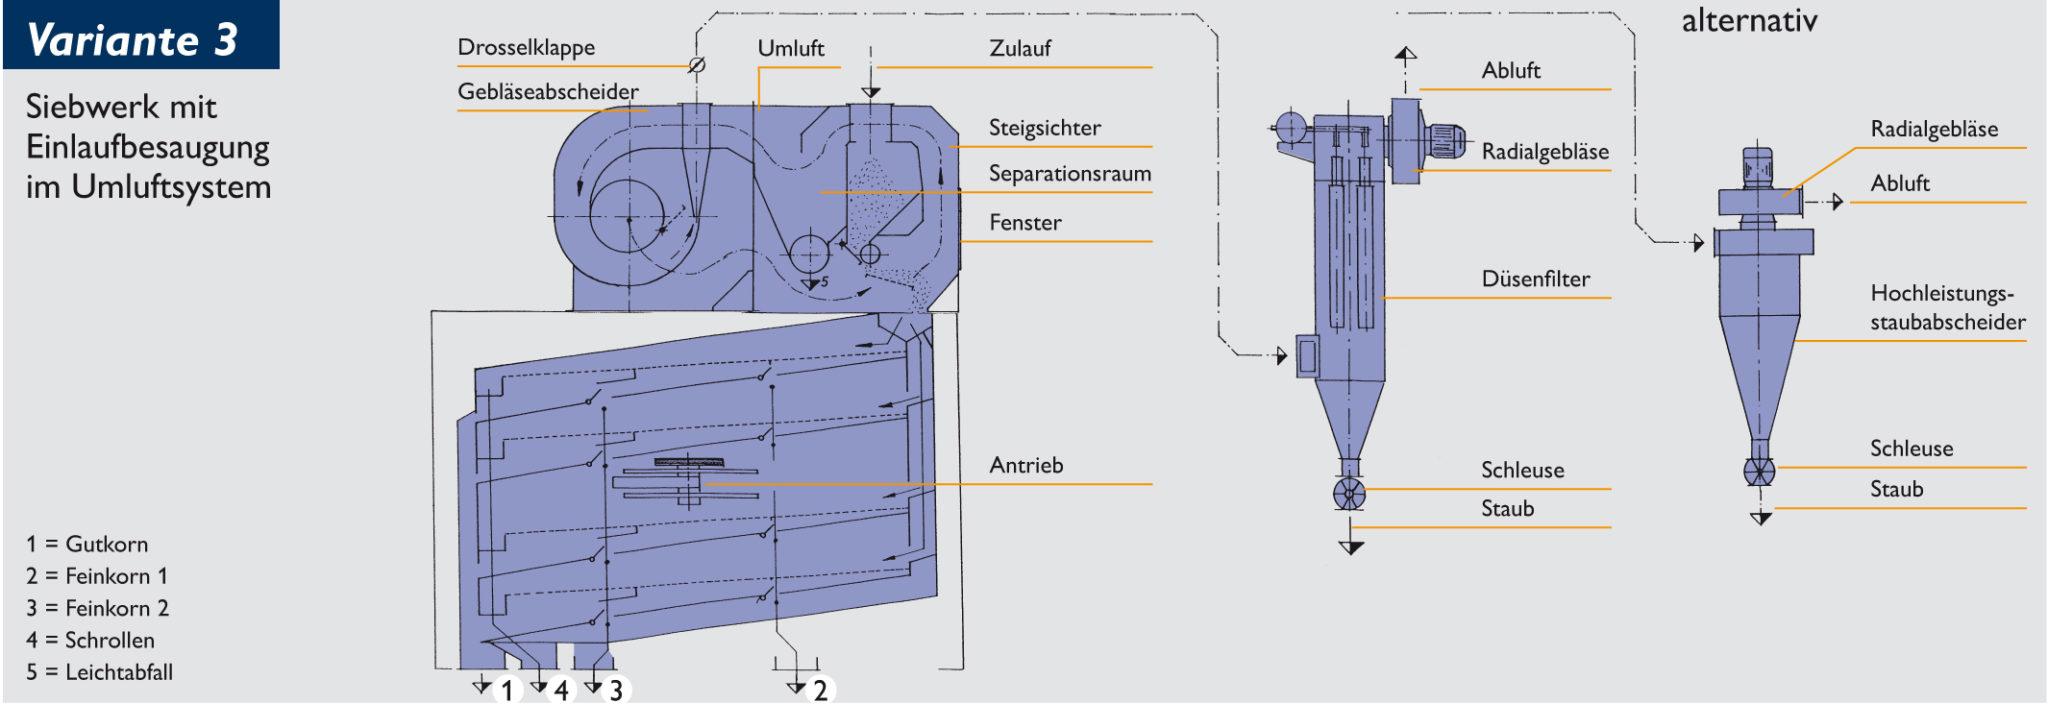 Siebwerk mit Einlaufaspiration im Umluftsystem